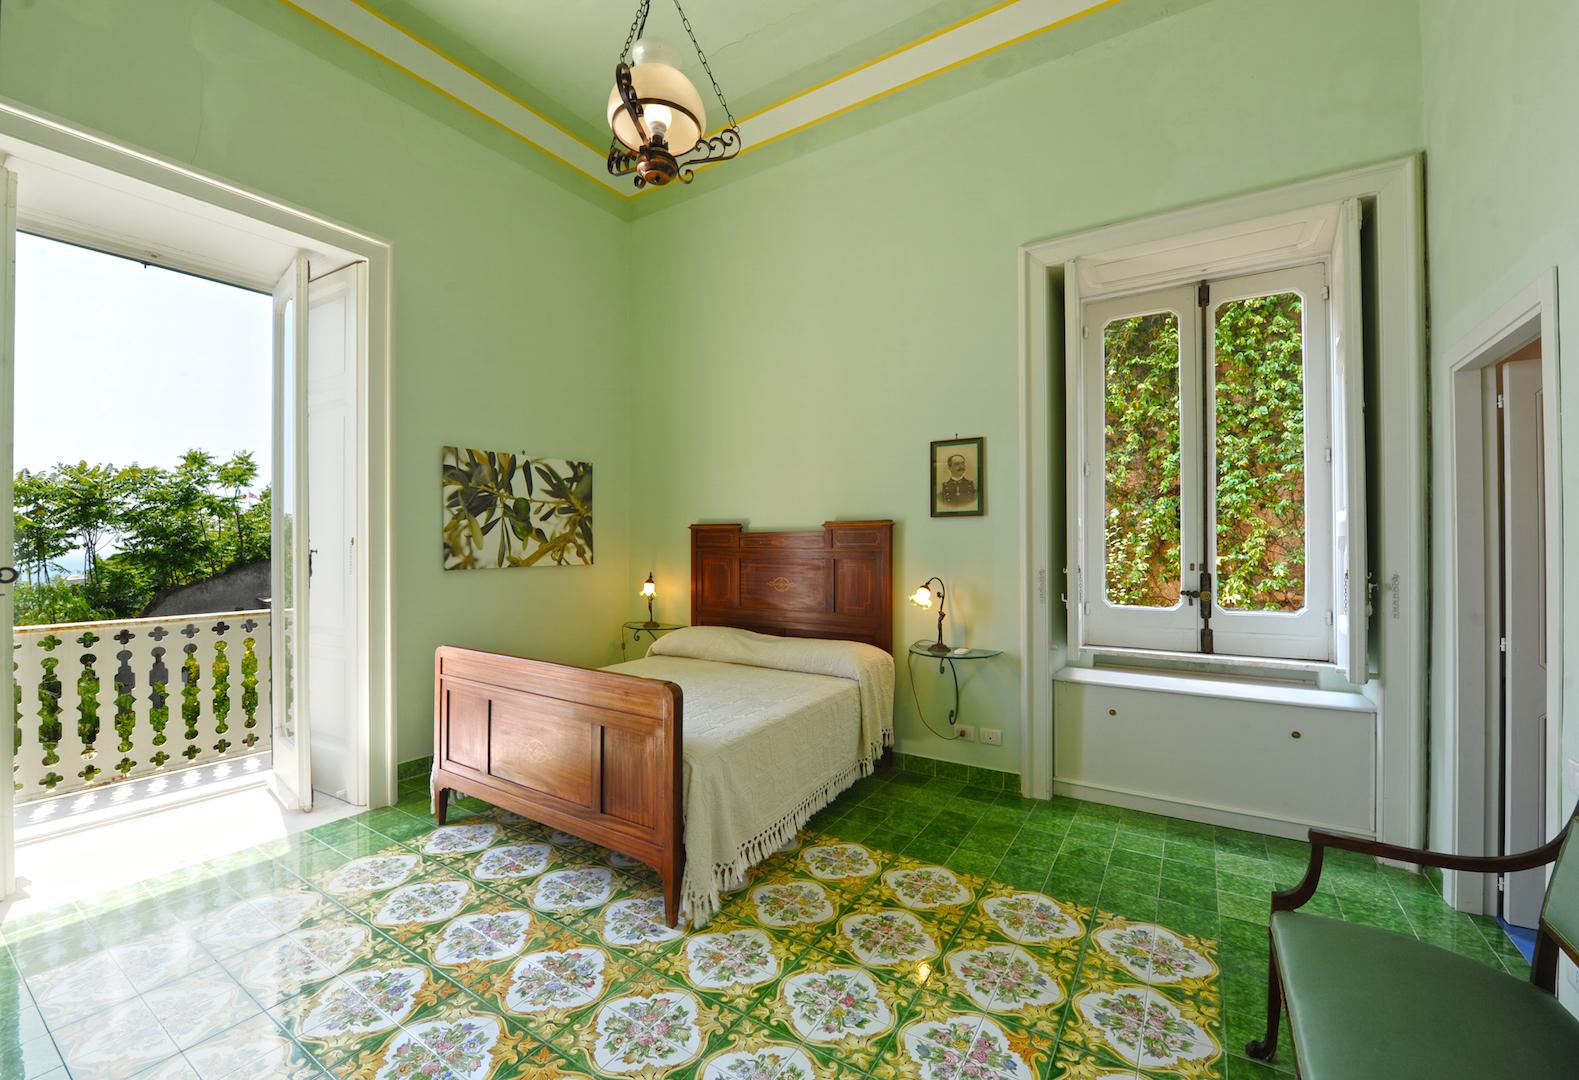 Idee Per Colori Pareti Camera Da Letto : Idee arredamento interni ...